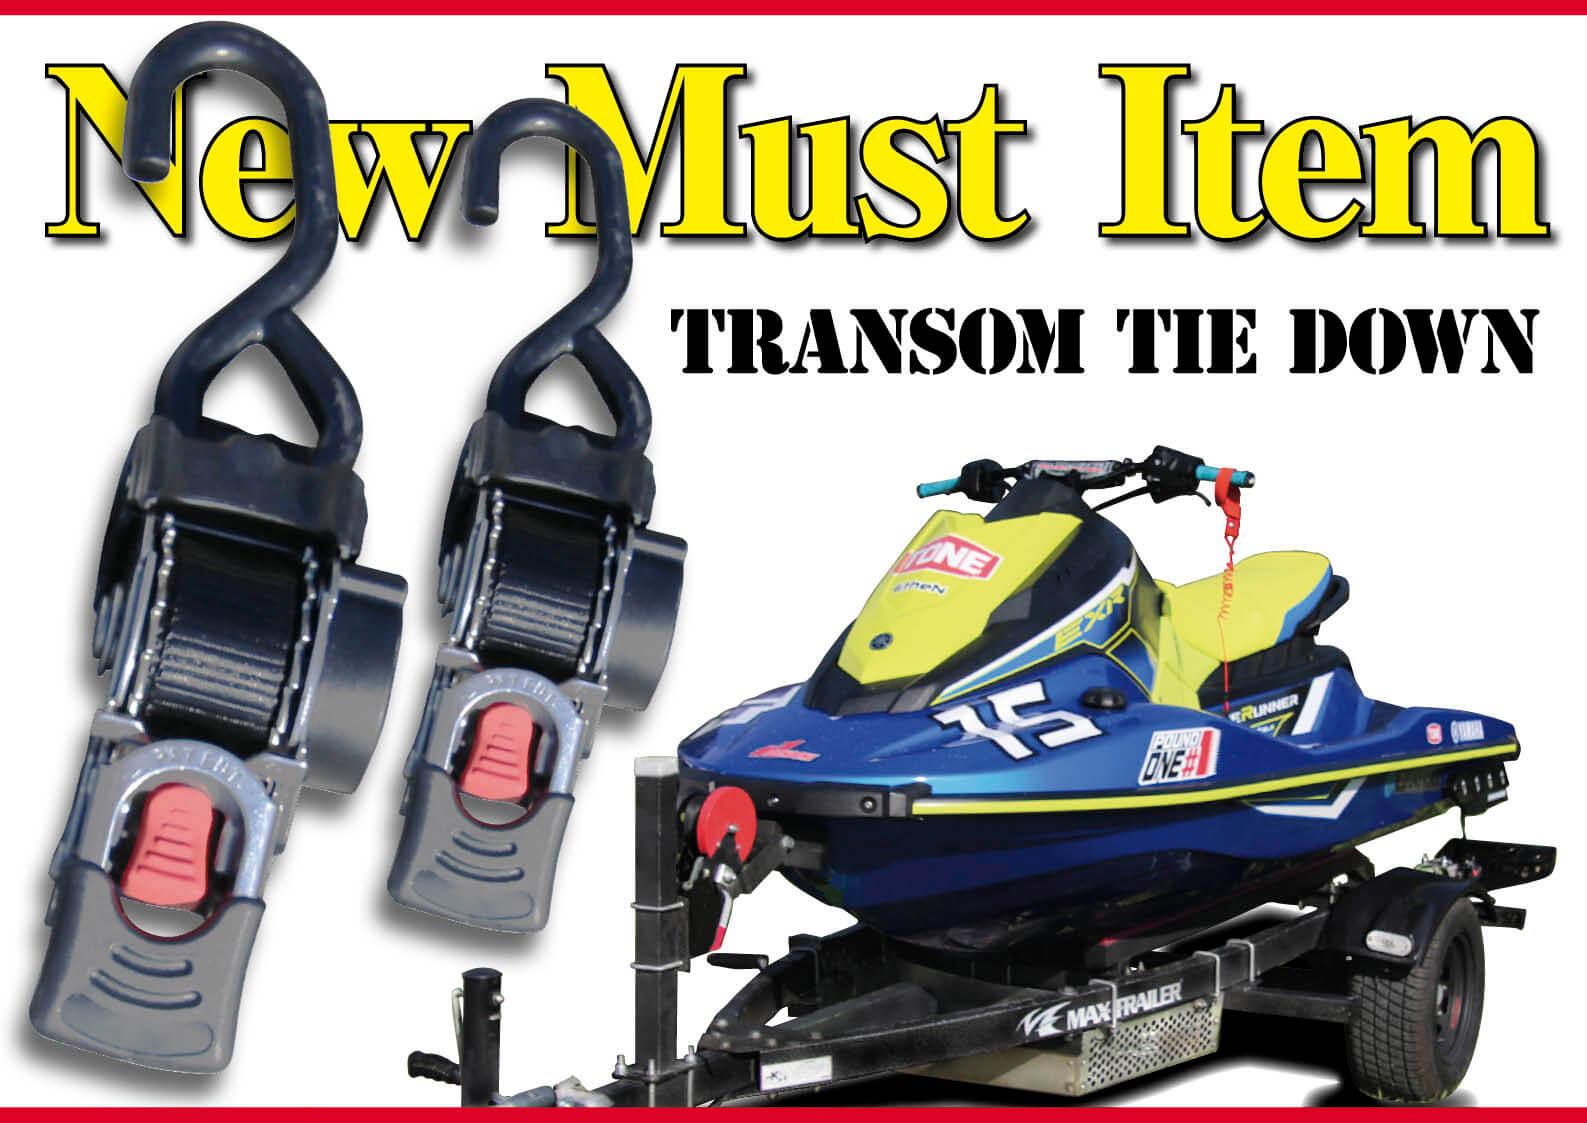 トレーラーの必需品 タイダウンベルトが超簡単、超便利になった ジェットスキー(水上バイク)